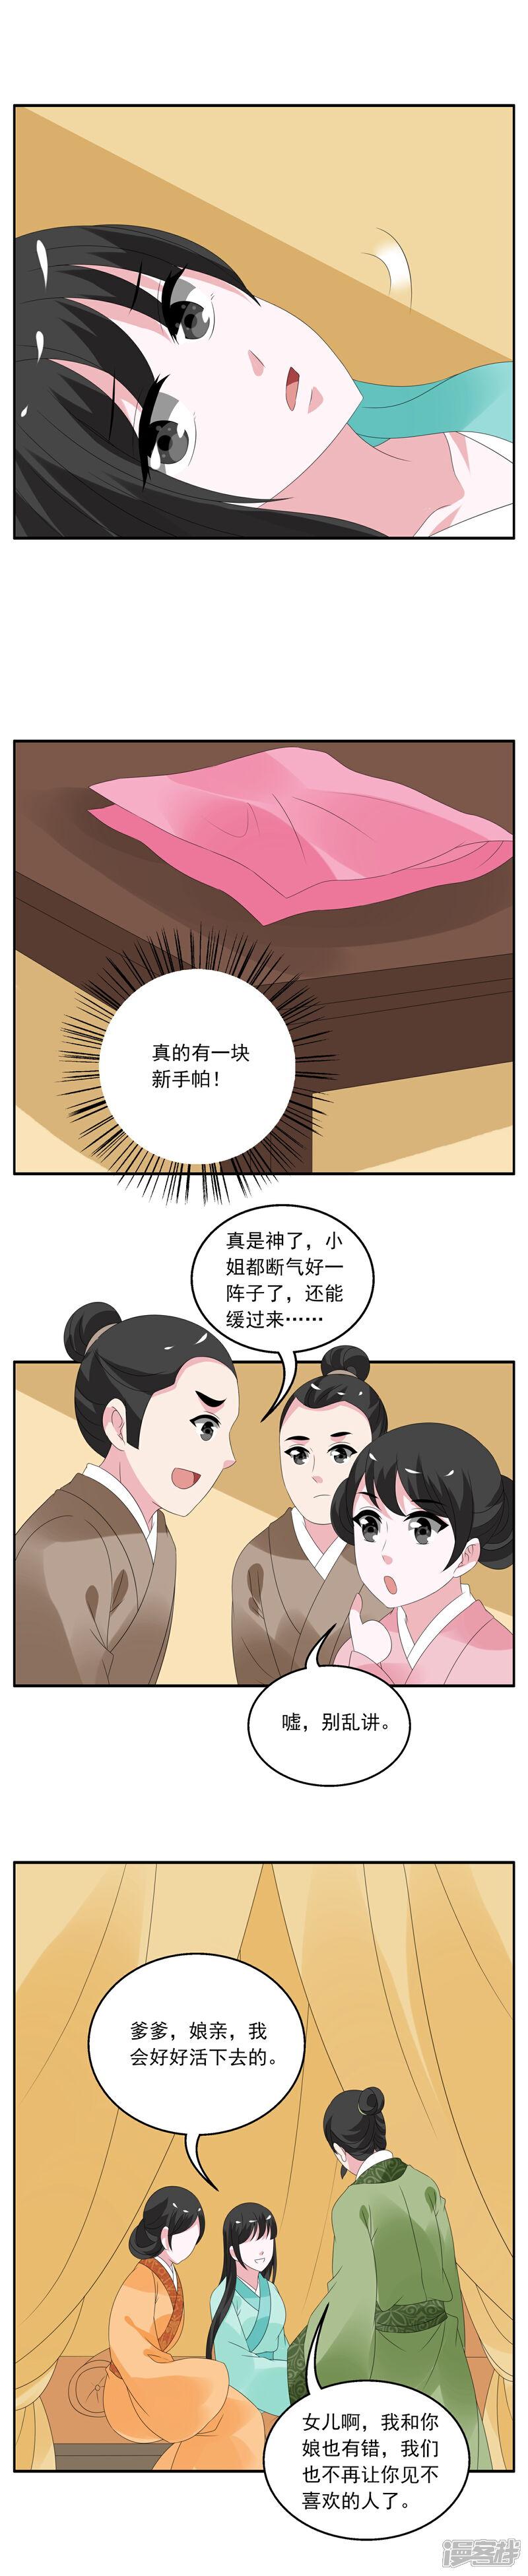 洛小妖136 (4).JPG